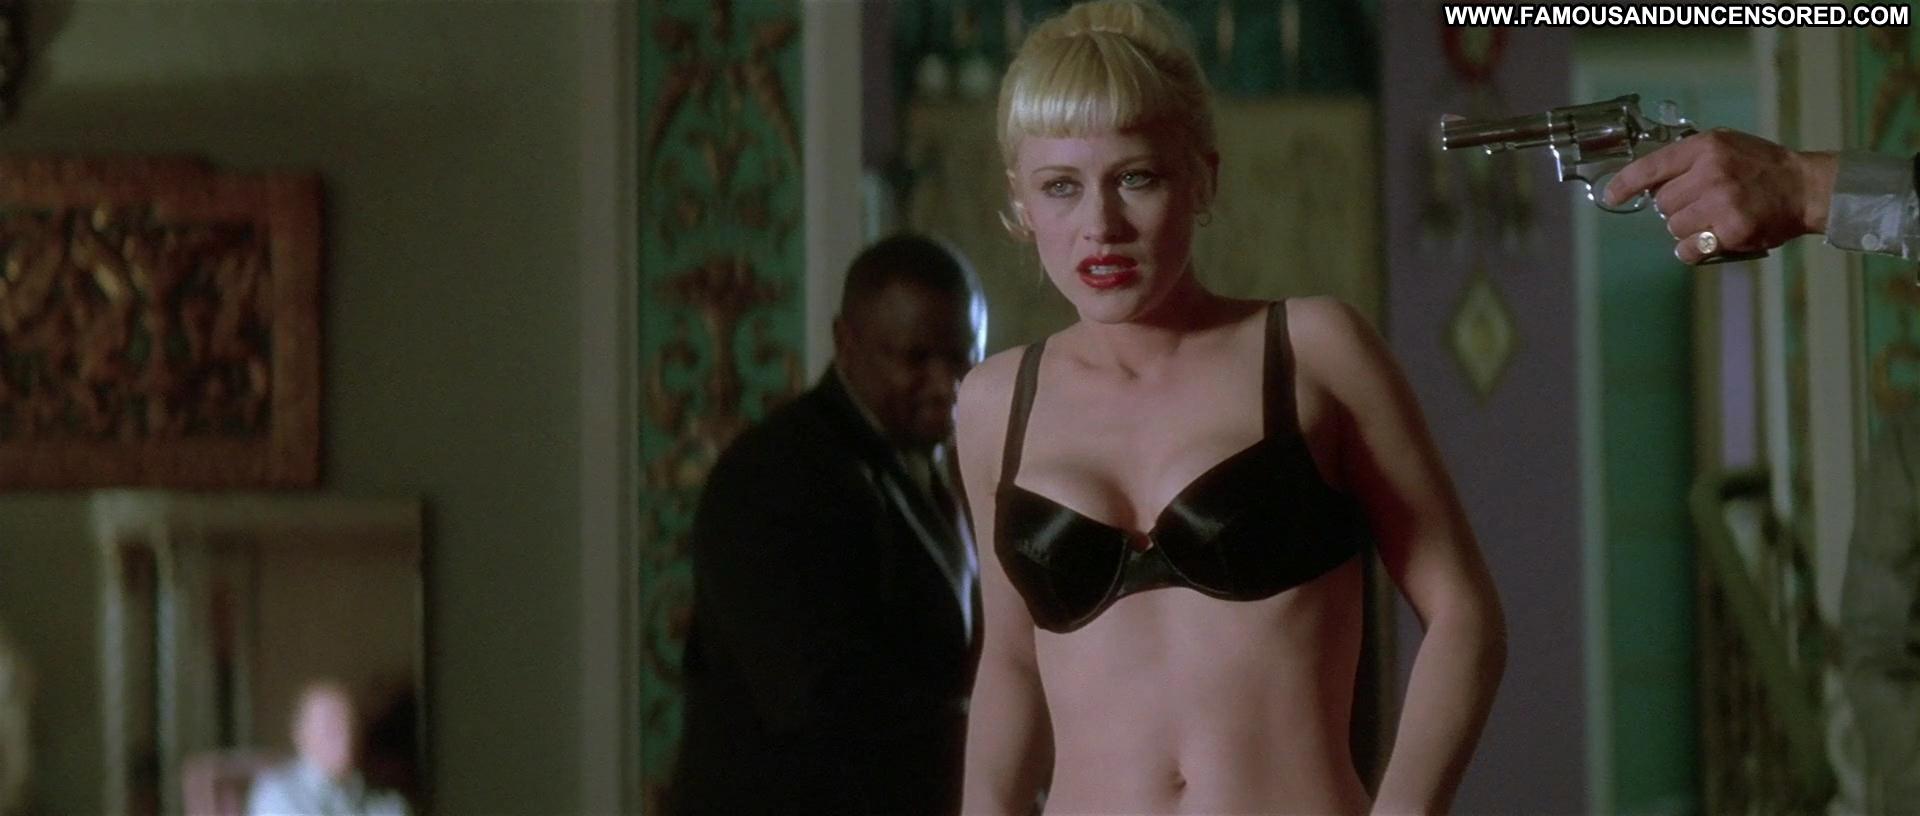 Patricia arquette stripper